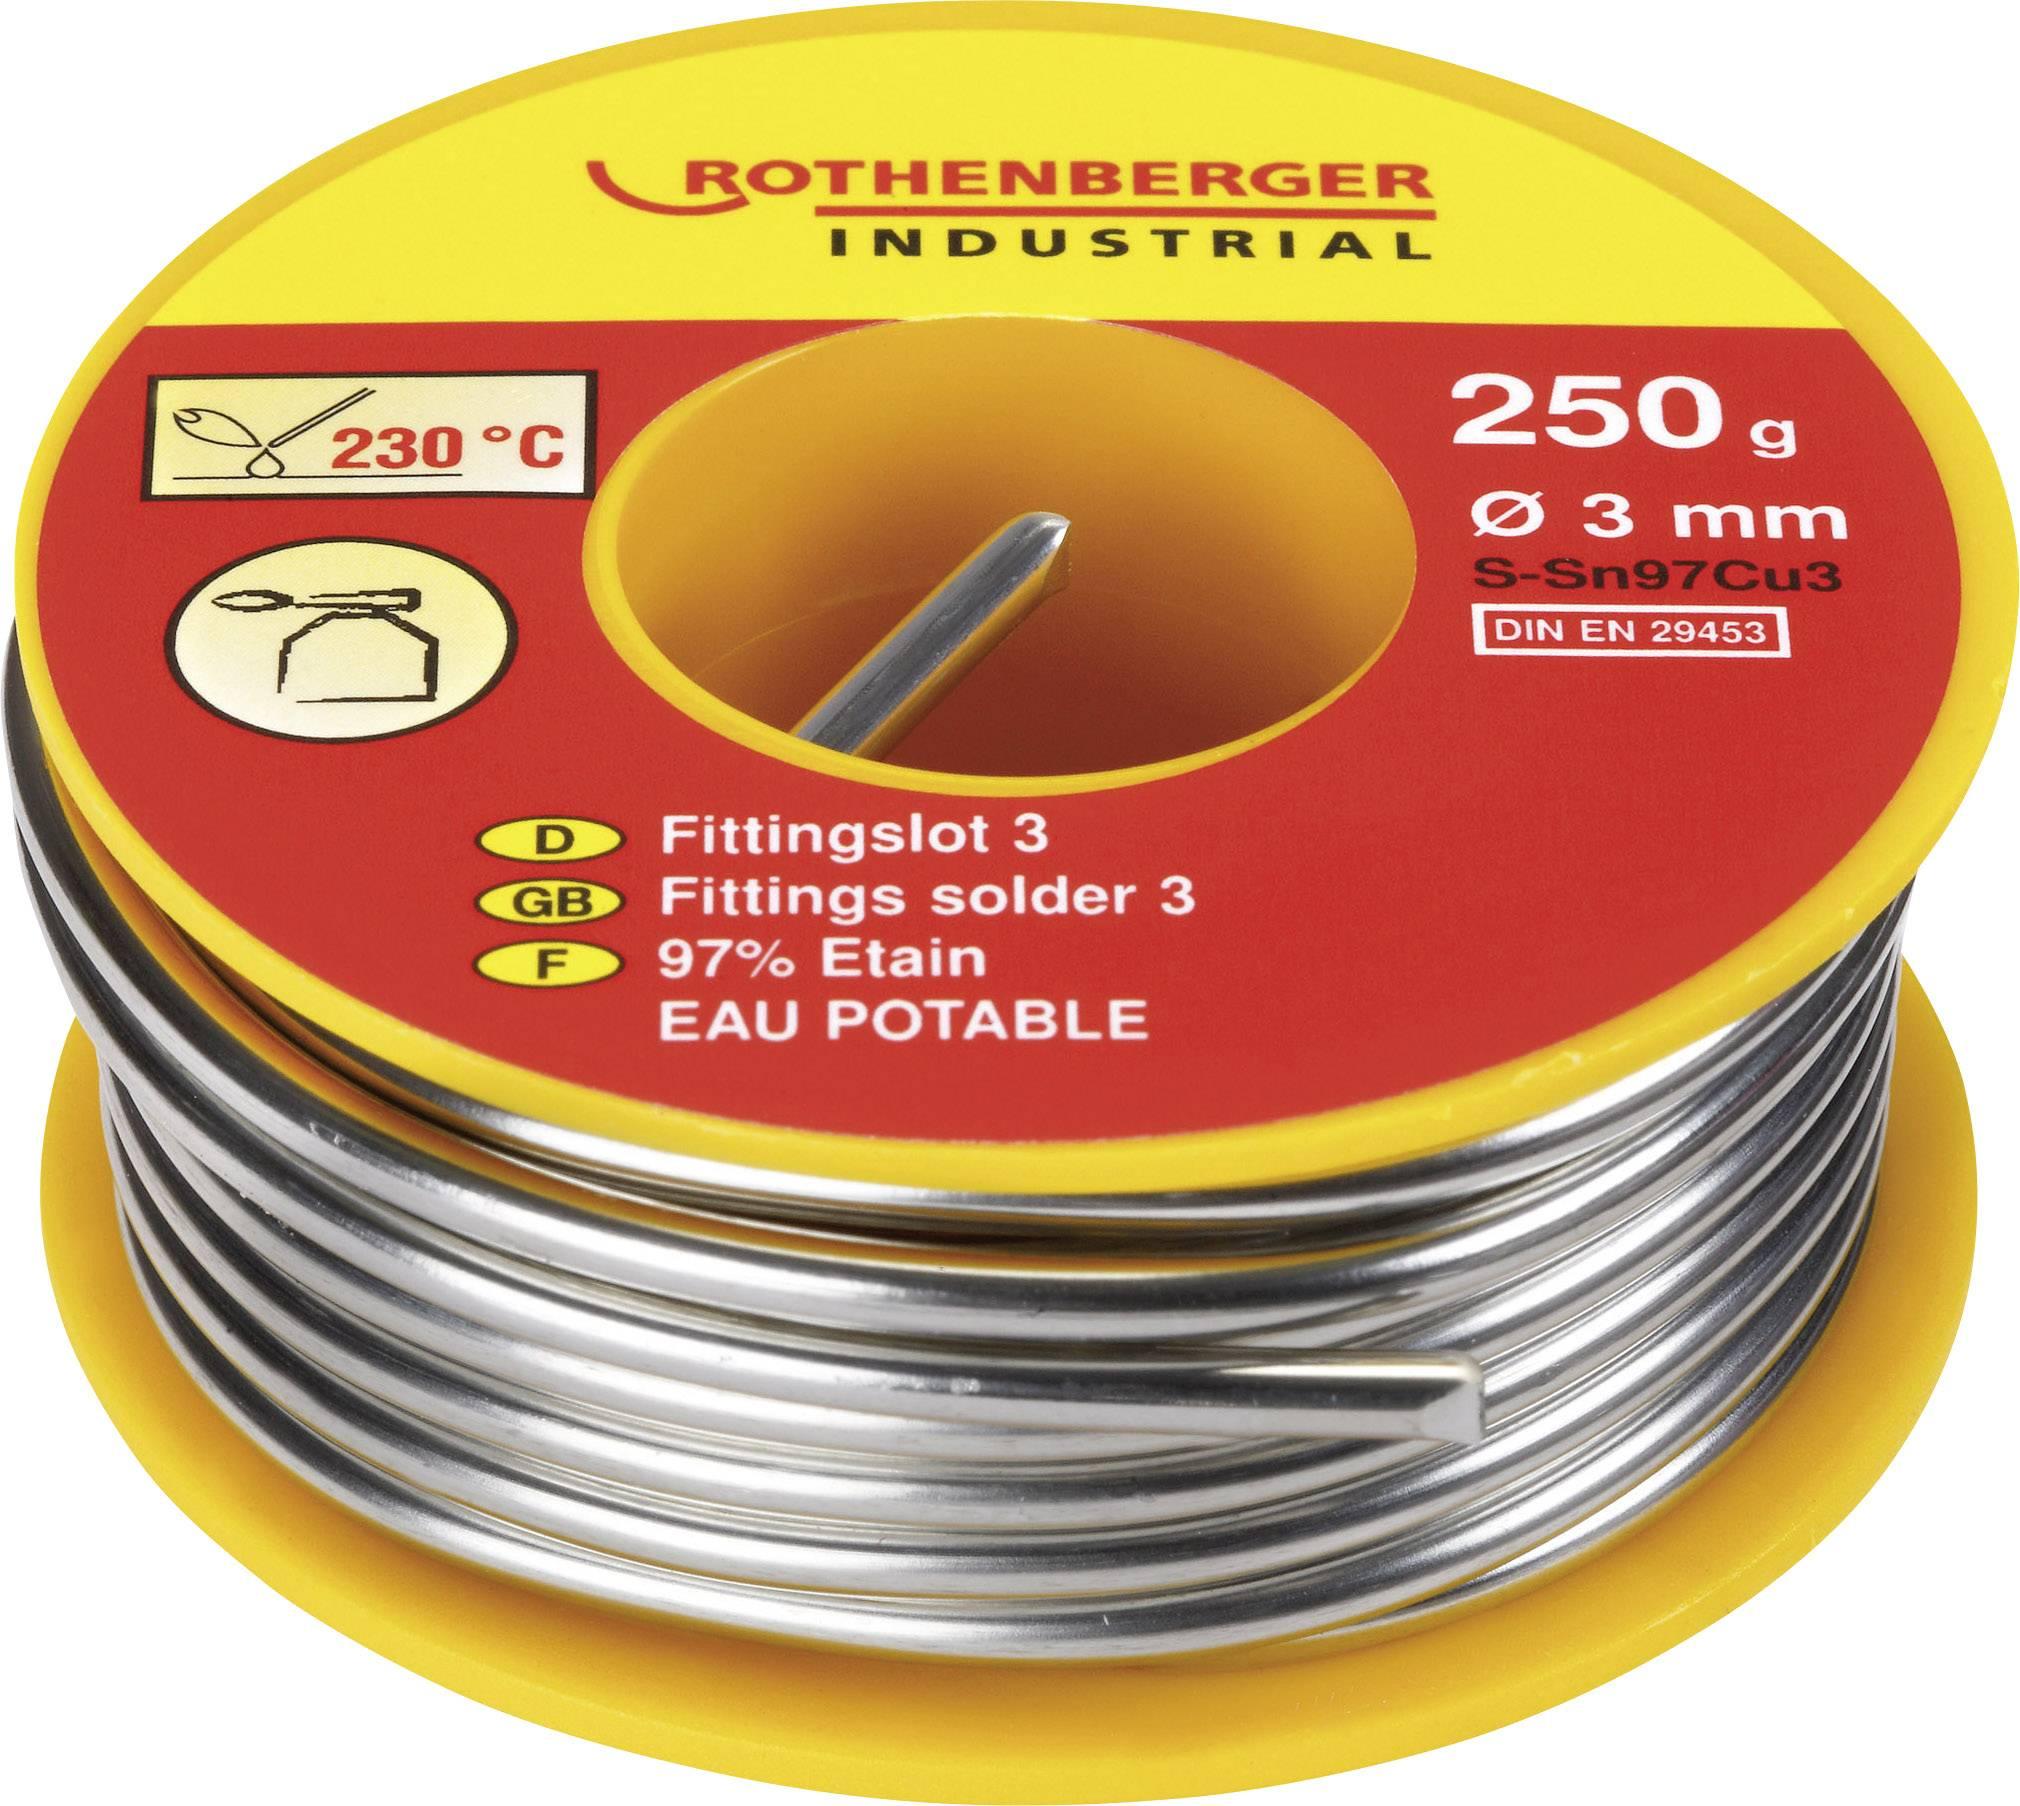 Cínová pájka PBF Sn97Cu3, Ø 3mm, 250 g, Rothenberger